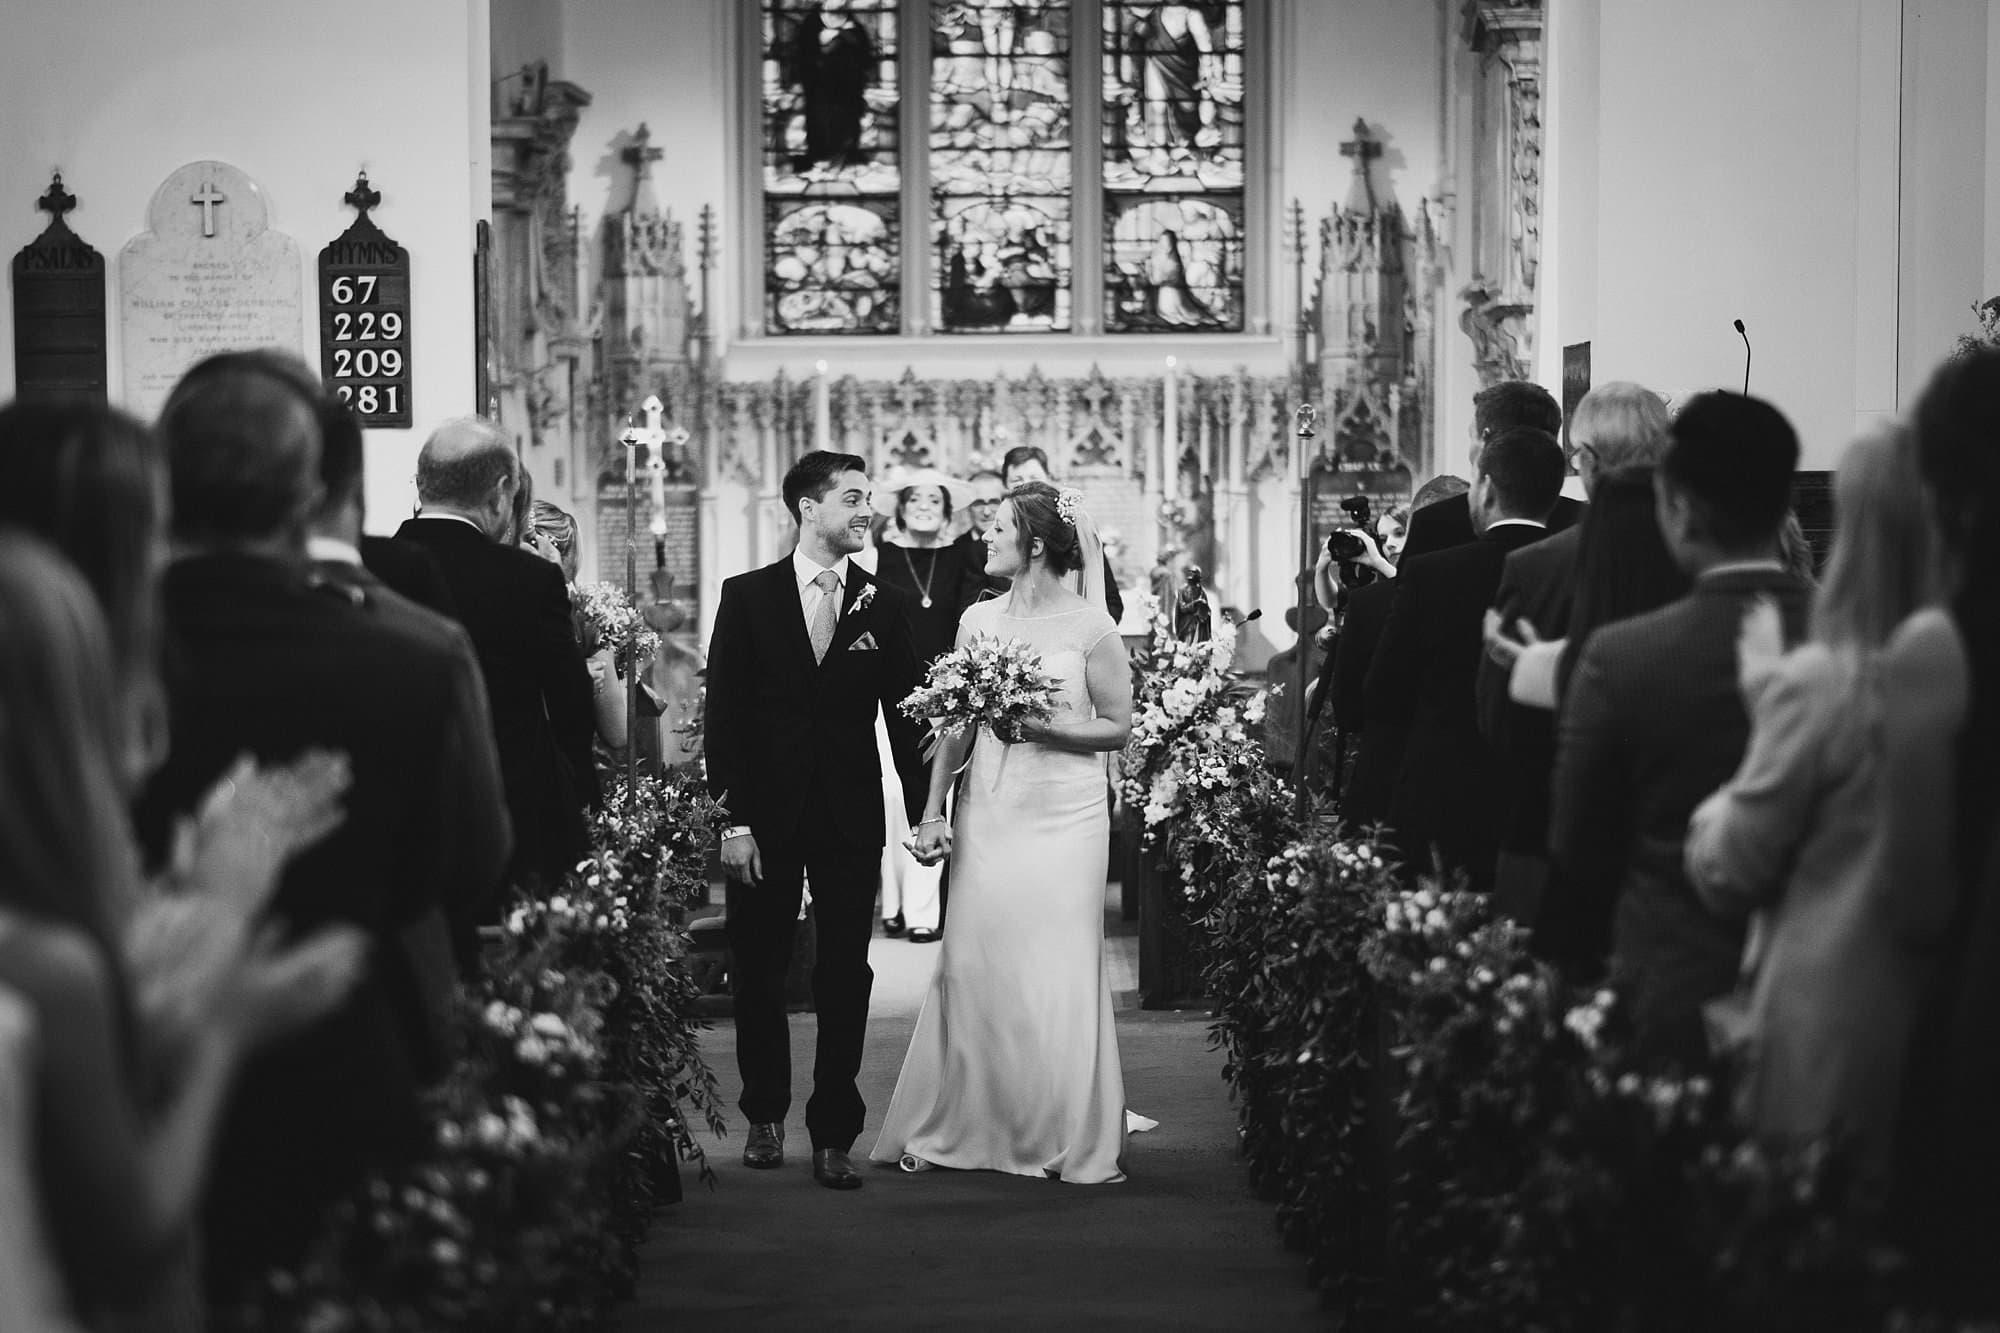 ashtead london wedding photographer 047 - Rachel & Jonny's Ashtead Wedding